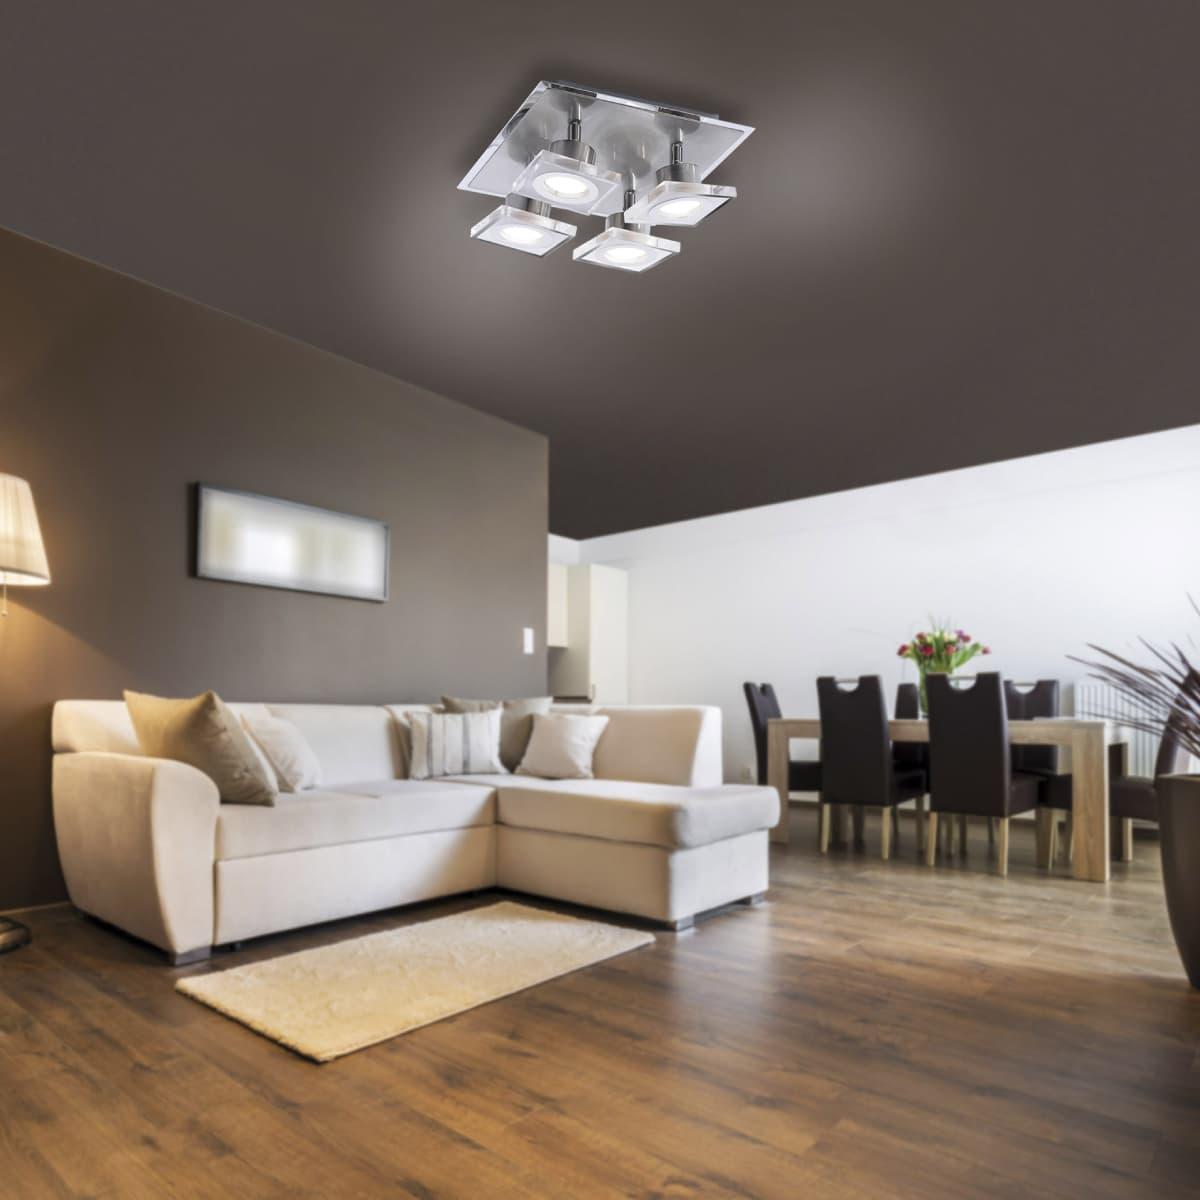 LED-Deckenleuchte in Stahl mit 4 Leuchtköpfen sowie warmweißer Lichtfarbe